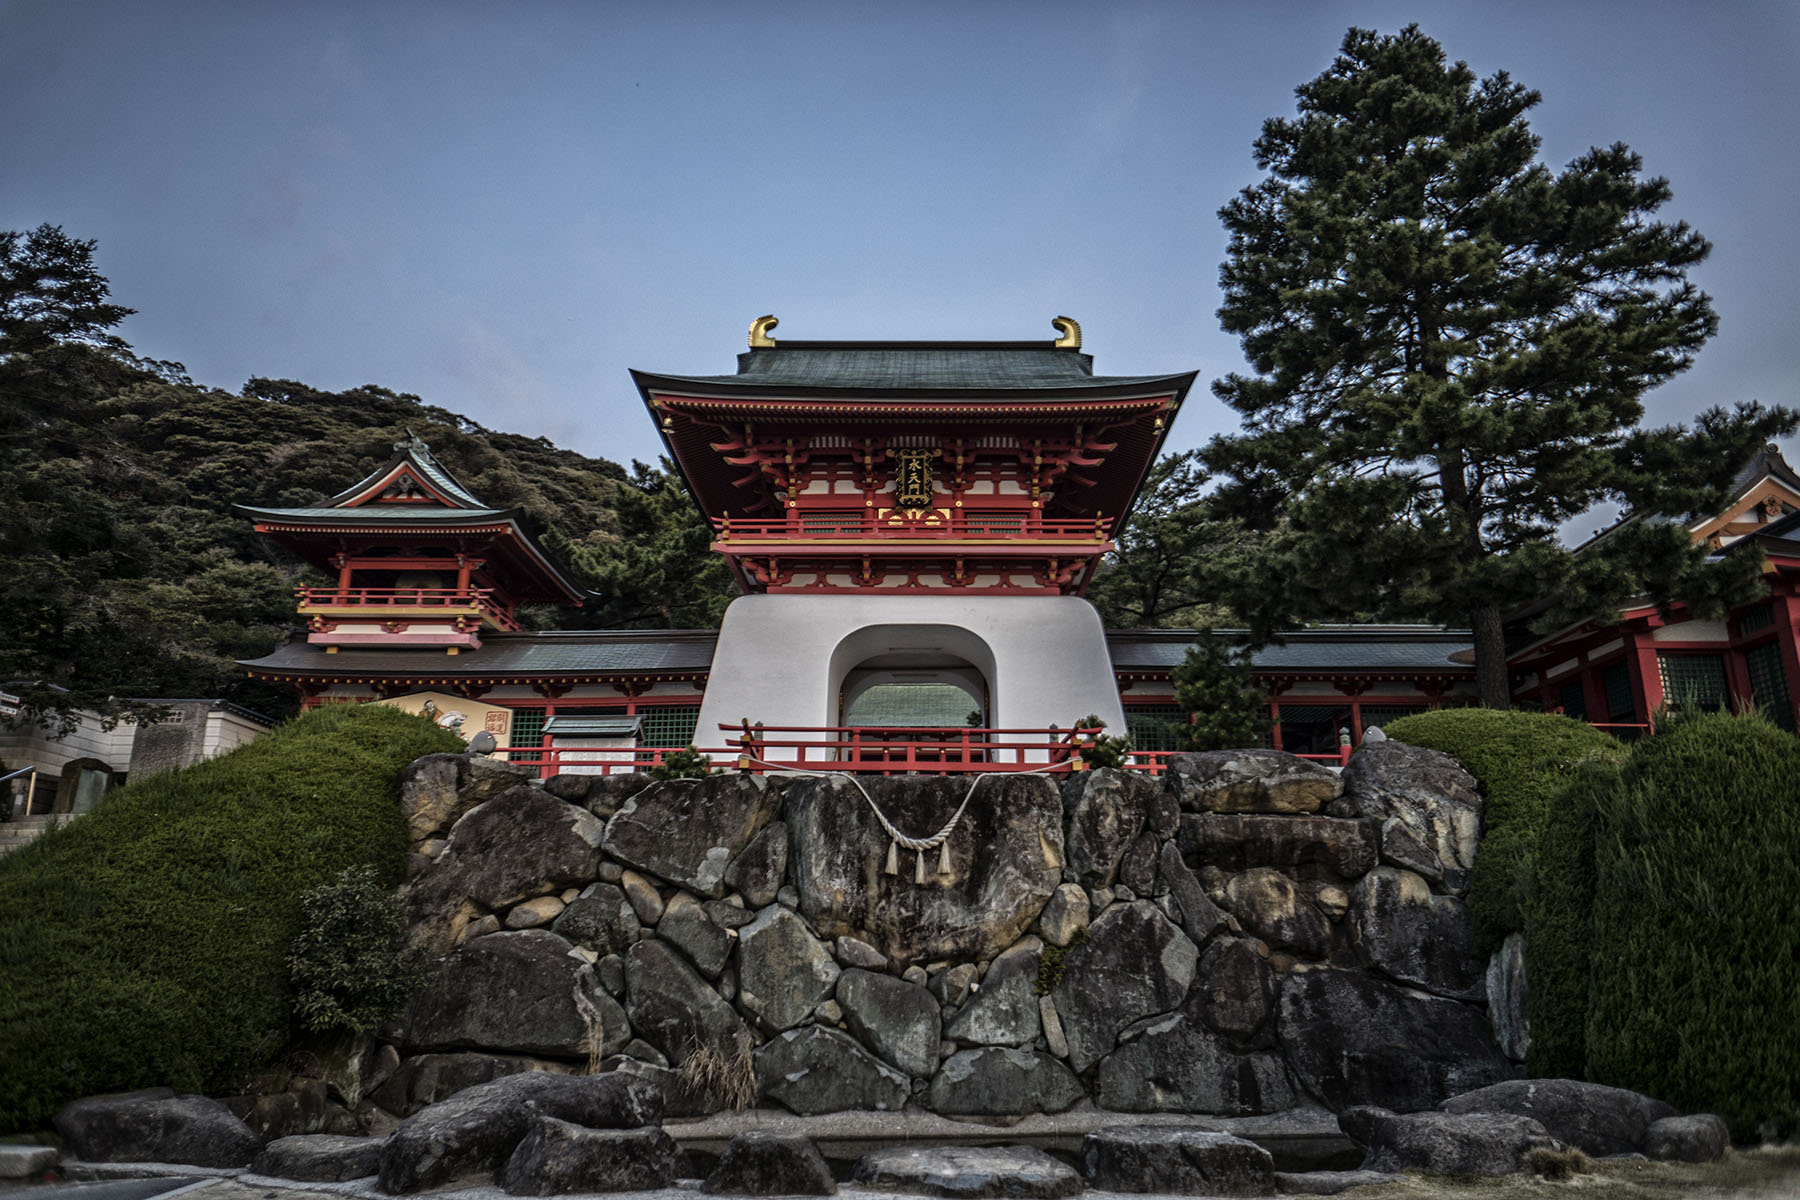 祇園精舎の鐘の声_c0028861_1929396.jpg